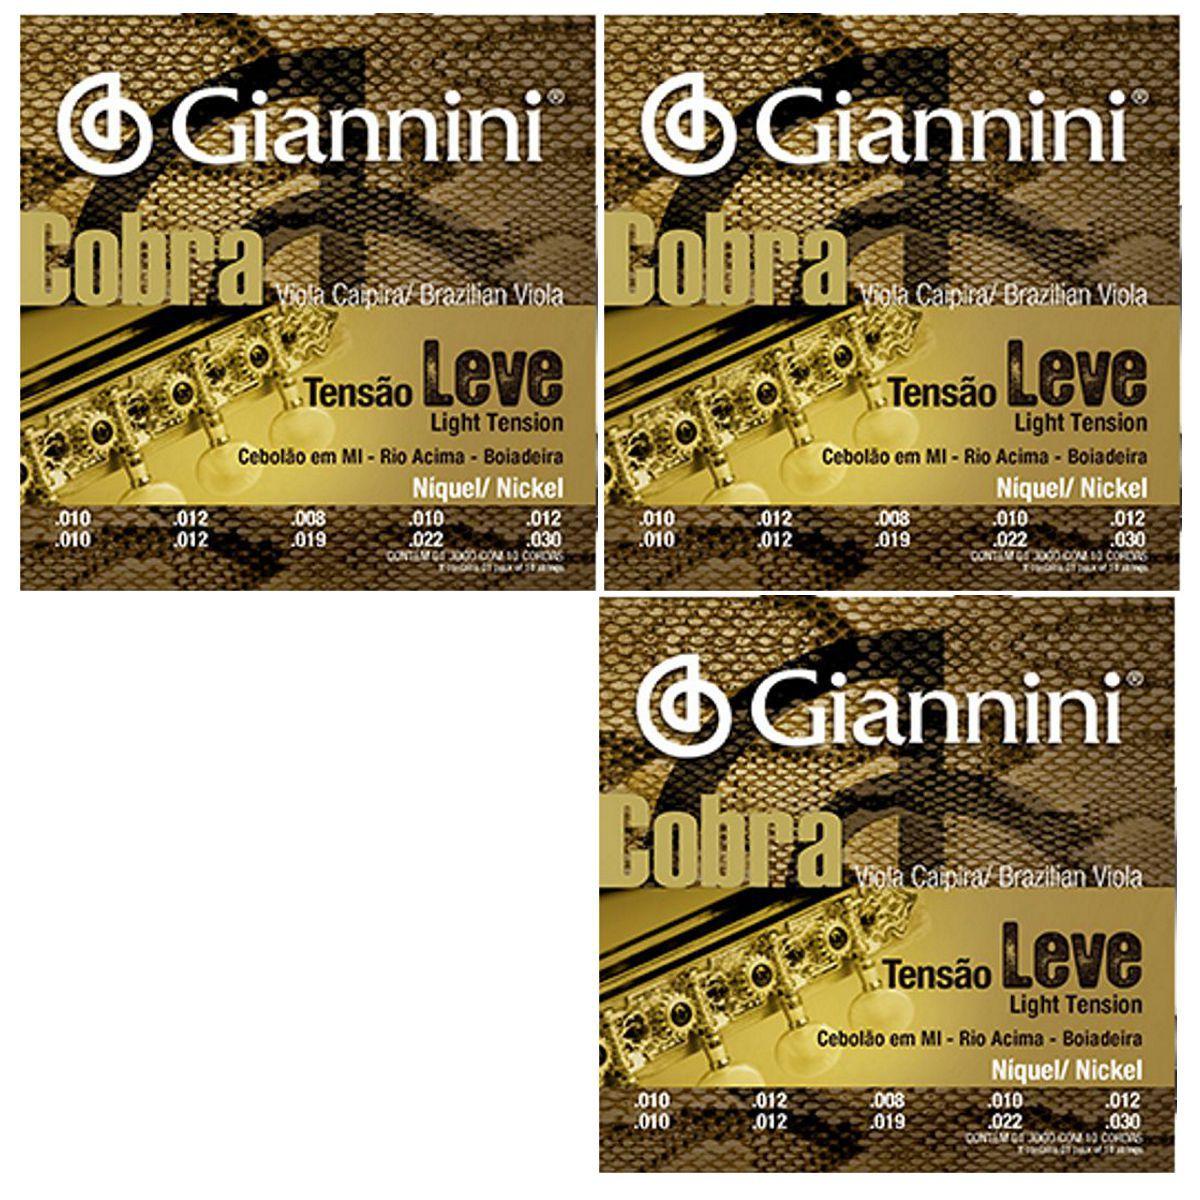 Encordoamento Giannini Cobra Viola Caipira - Cordas Níquel Viola Caipira - GESVNL Nickel - 03 Jogos